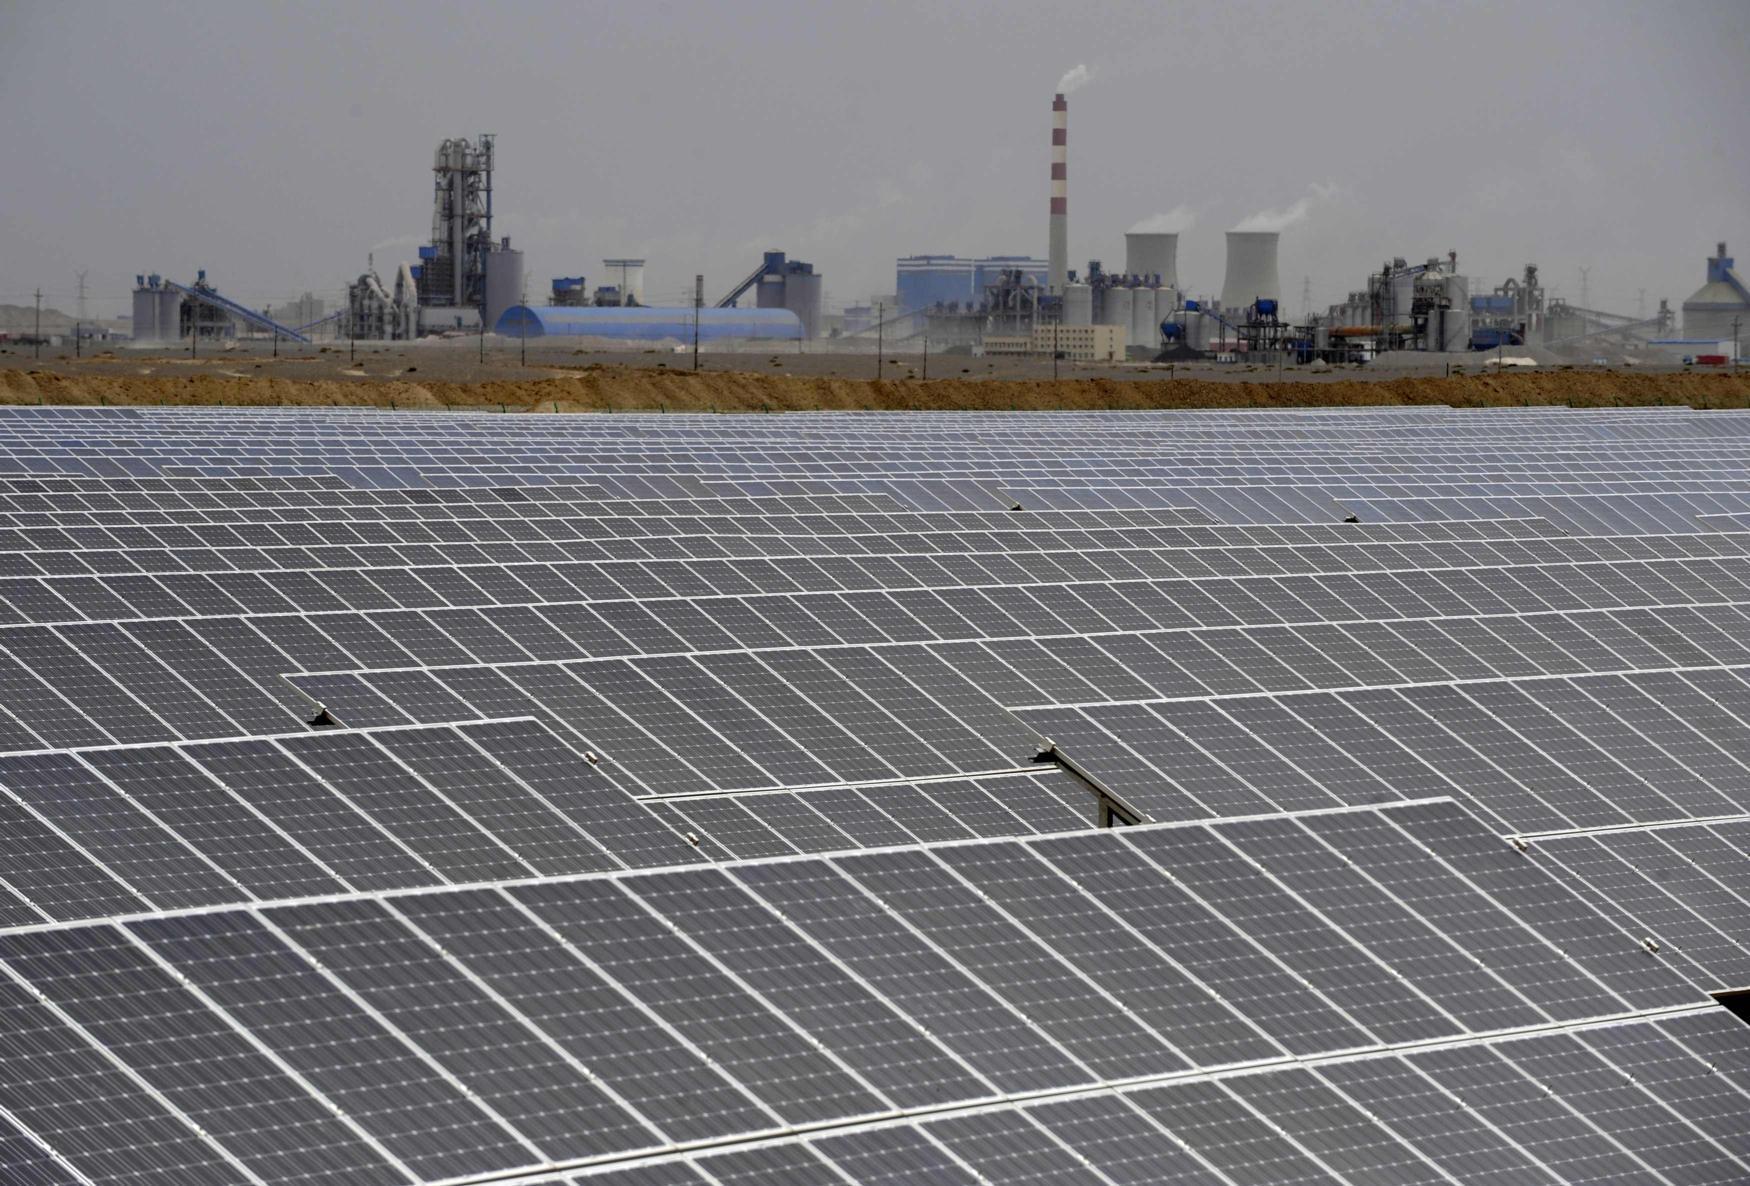 Una centrale solare, alle spalle una centrale termoelettrica ad Aksu in Xinjiang, Cina (Reuters)